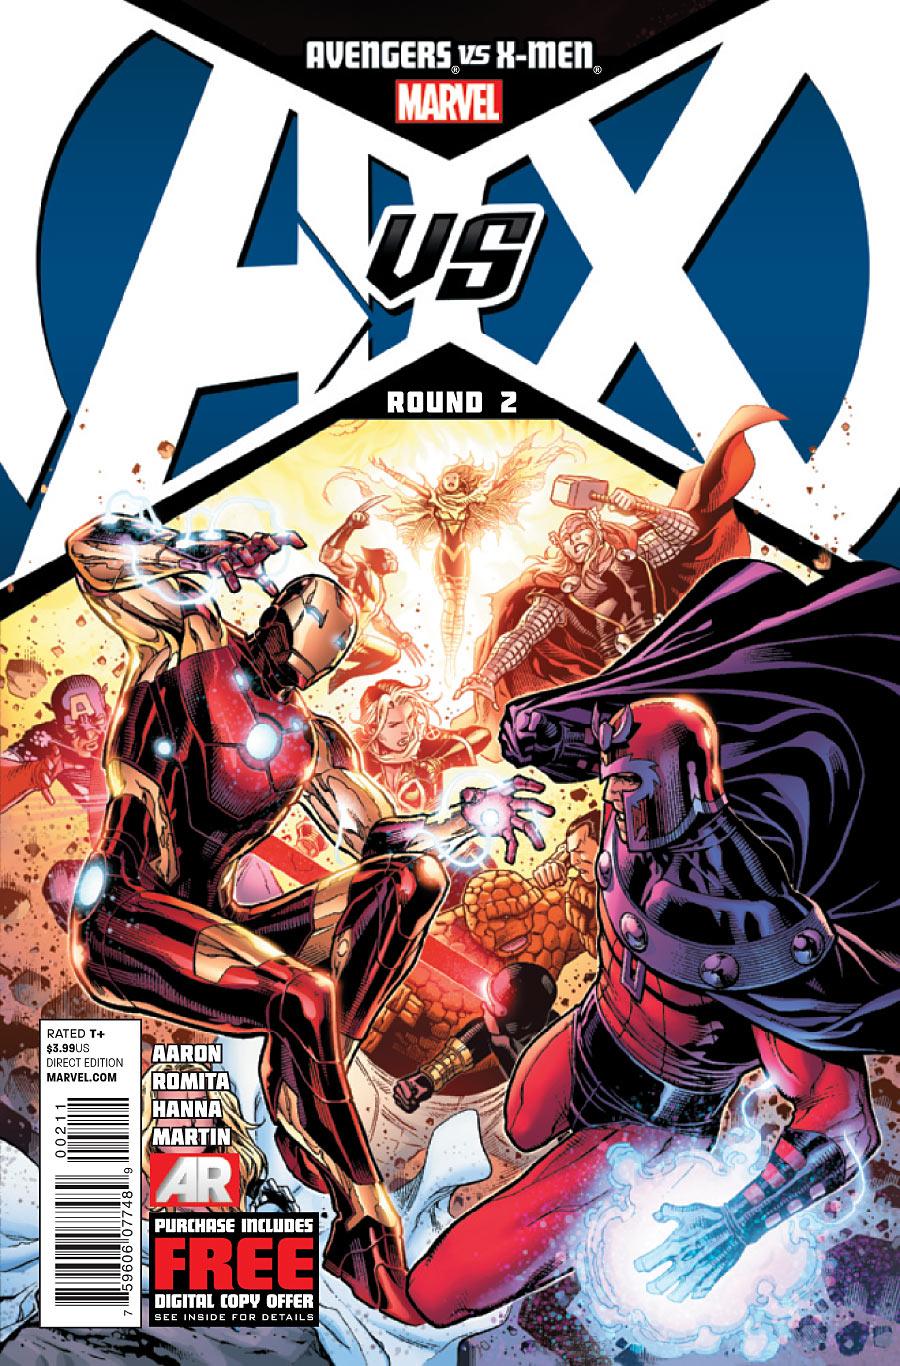 Avengers vs. X-Men (Event) - Marvel Comics Database